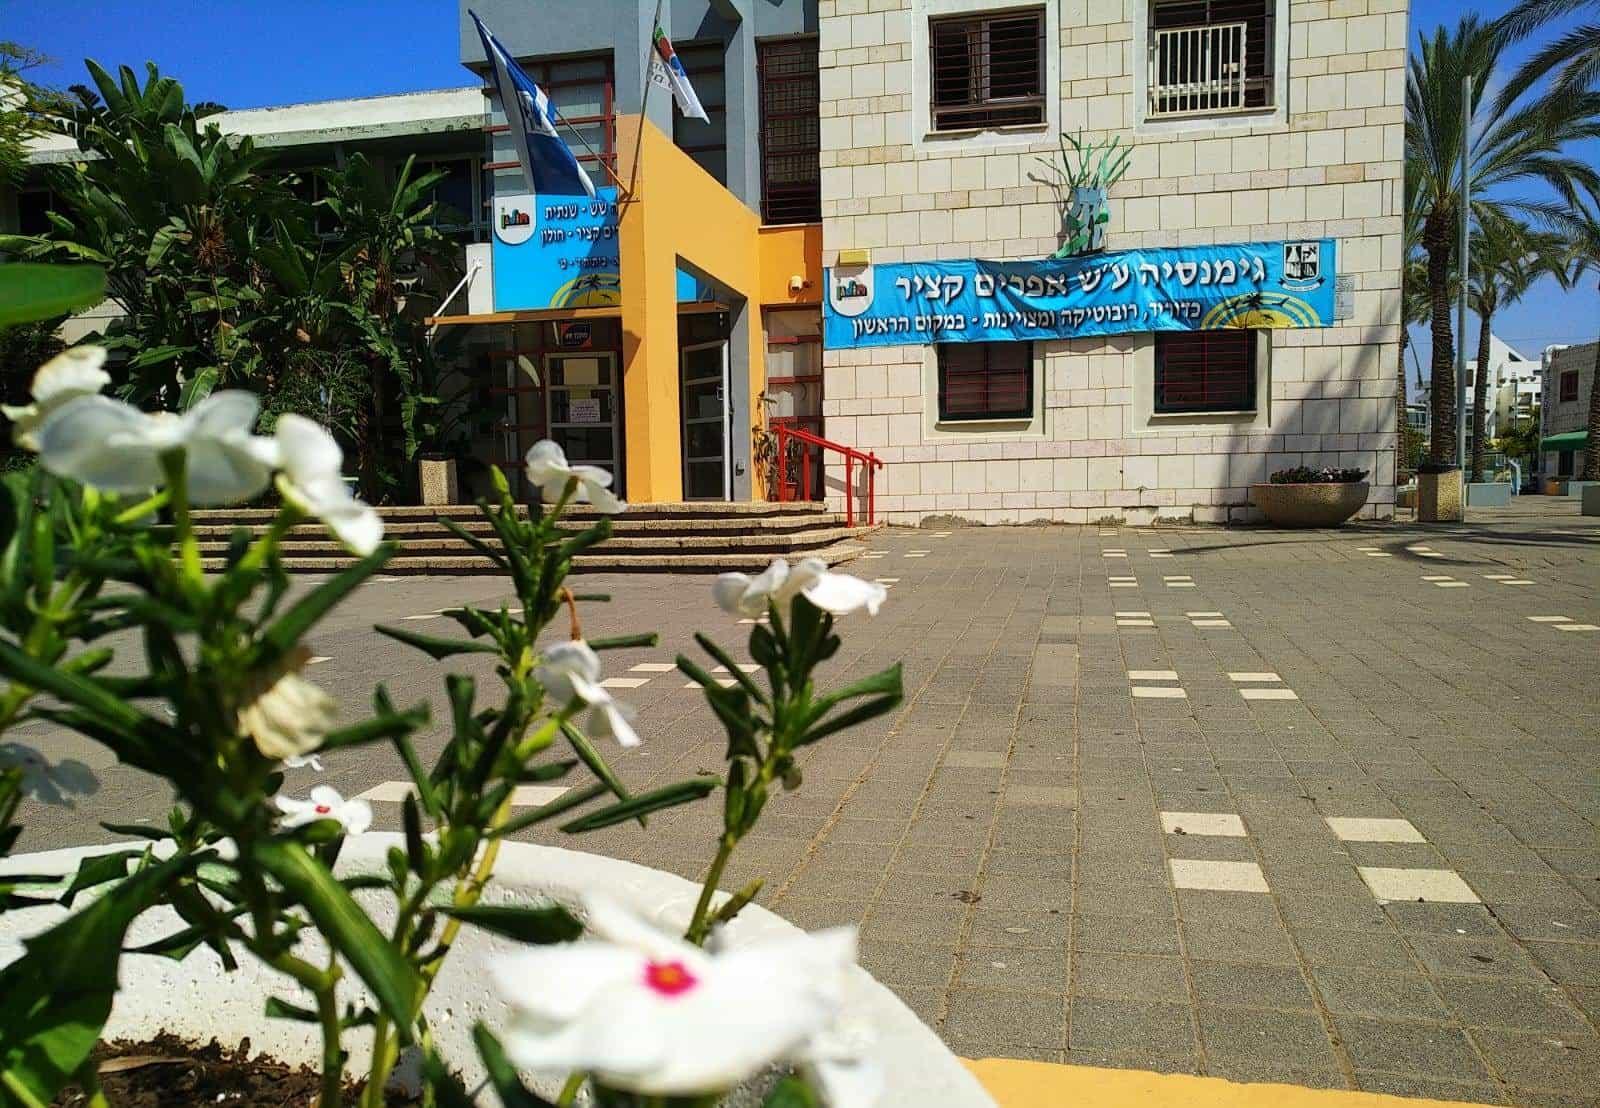 שדרוג המרחב הפתוח בגימנסיה קציר, צילום-עיריית חולון